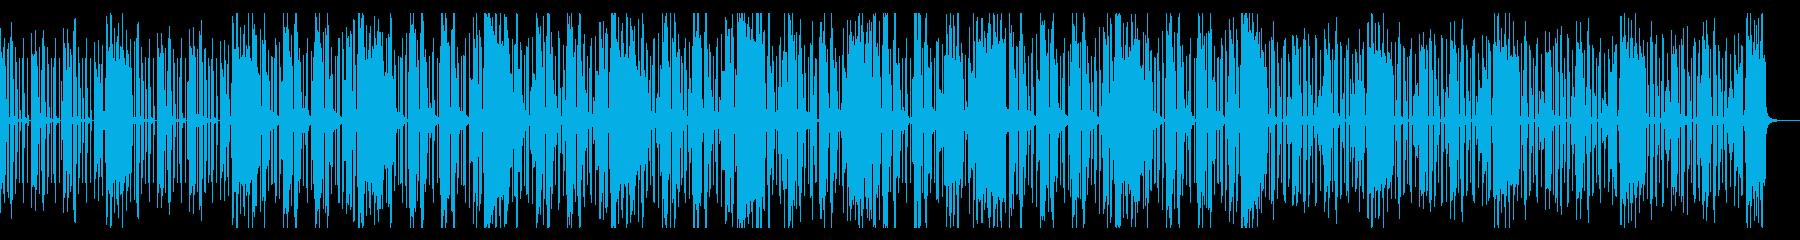 ゆったり感のあるファンク風インストの再生済みの波形